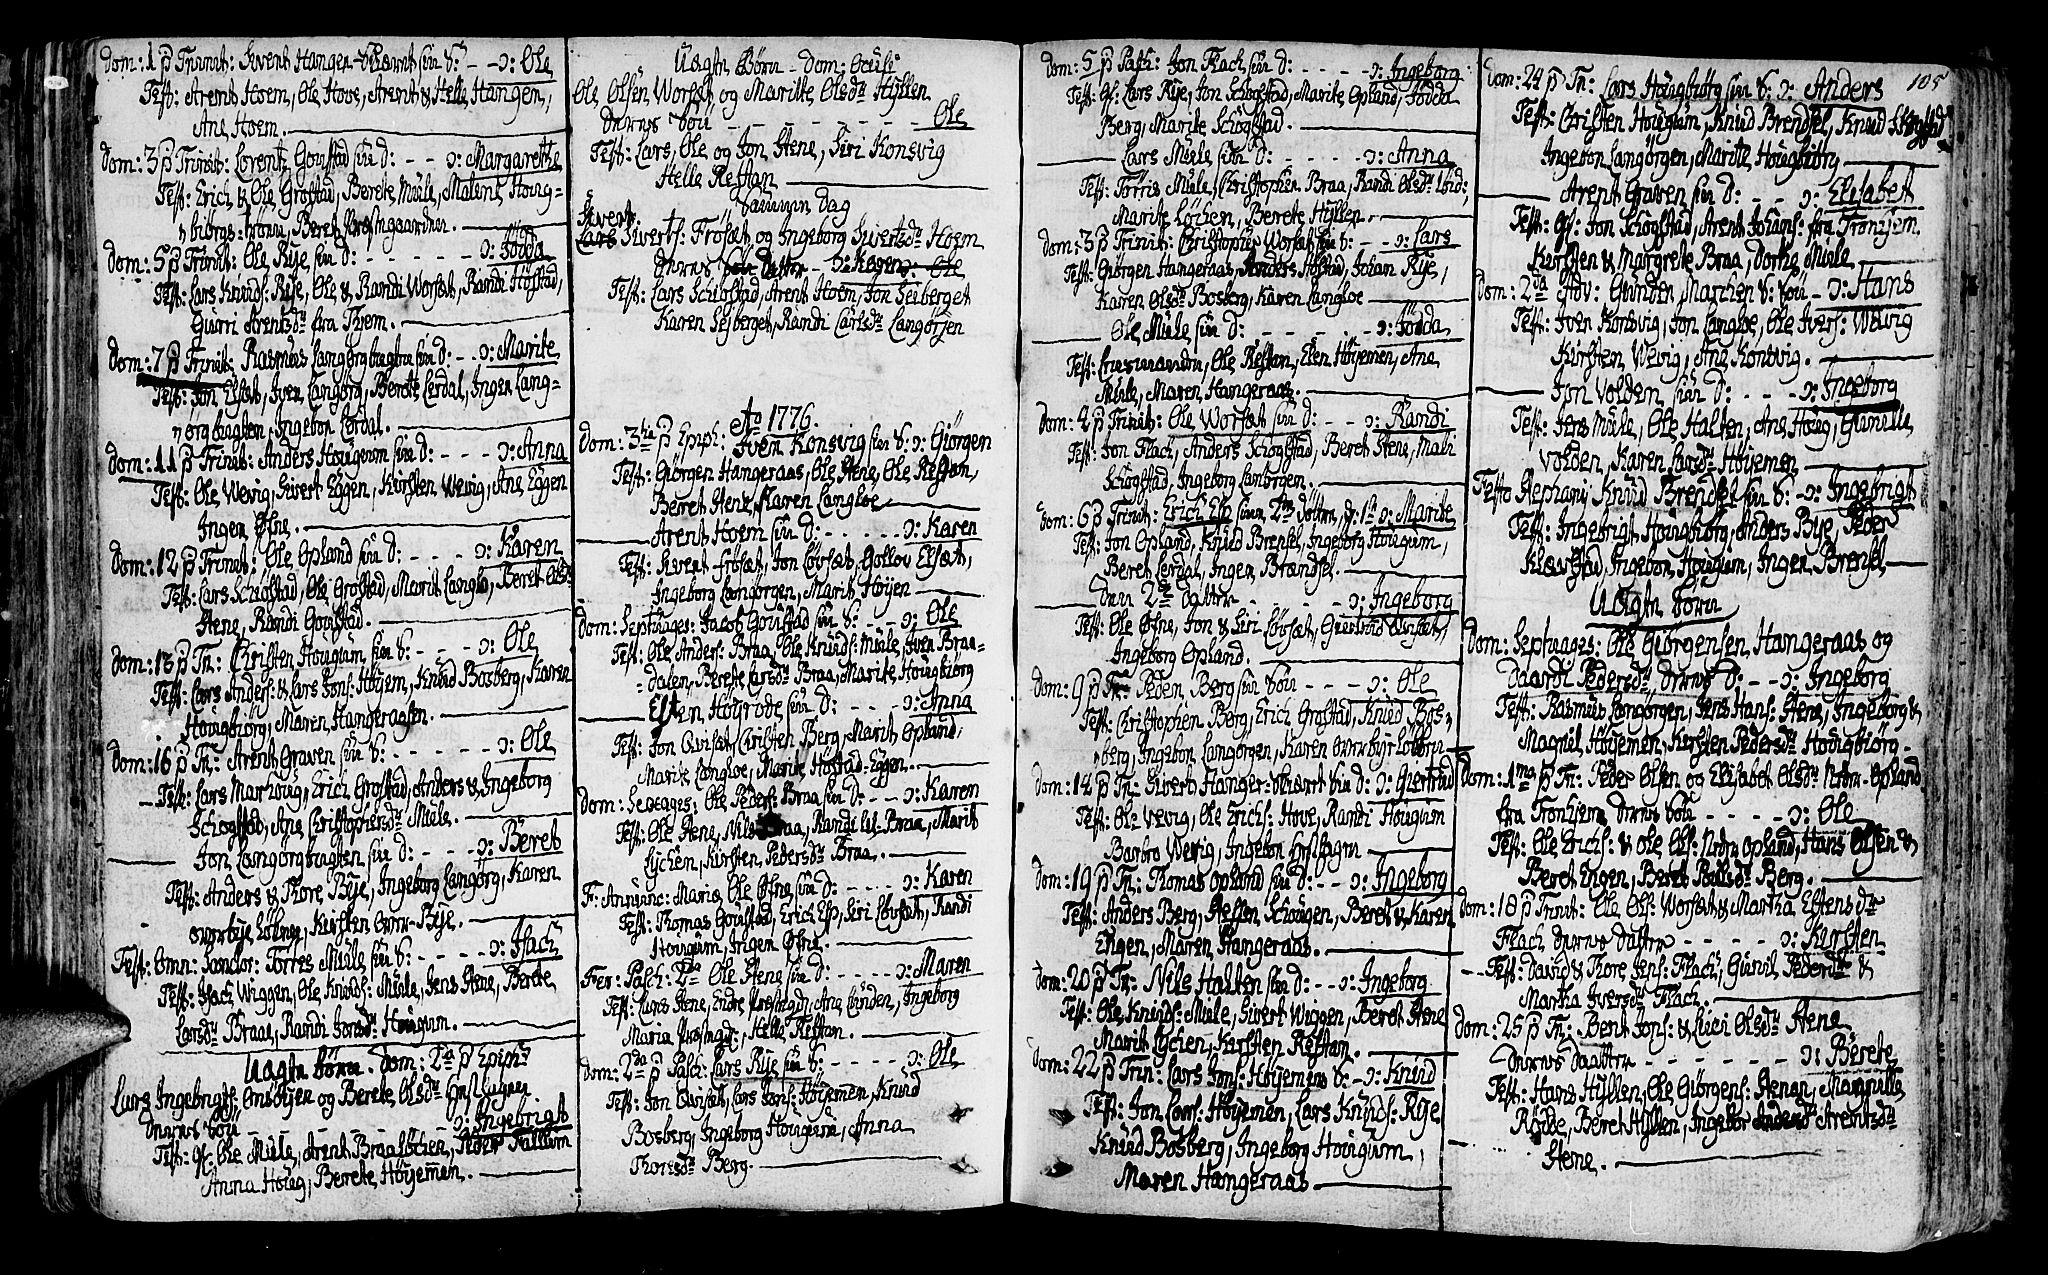 SAT, Ministerialprotokoller, klokkerbøker og fødselsregistre - Sør-Trøndelag, 612/L0370: Ministerialbok nr. 612A04, 1754-1802, s. 105